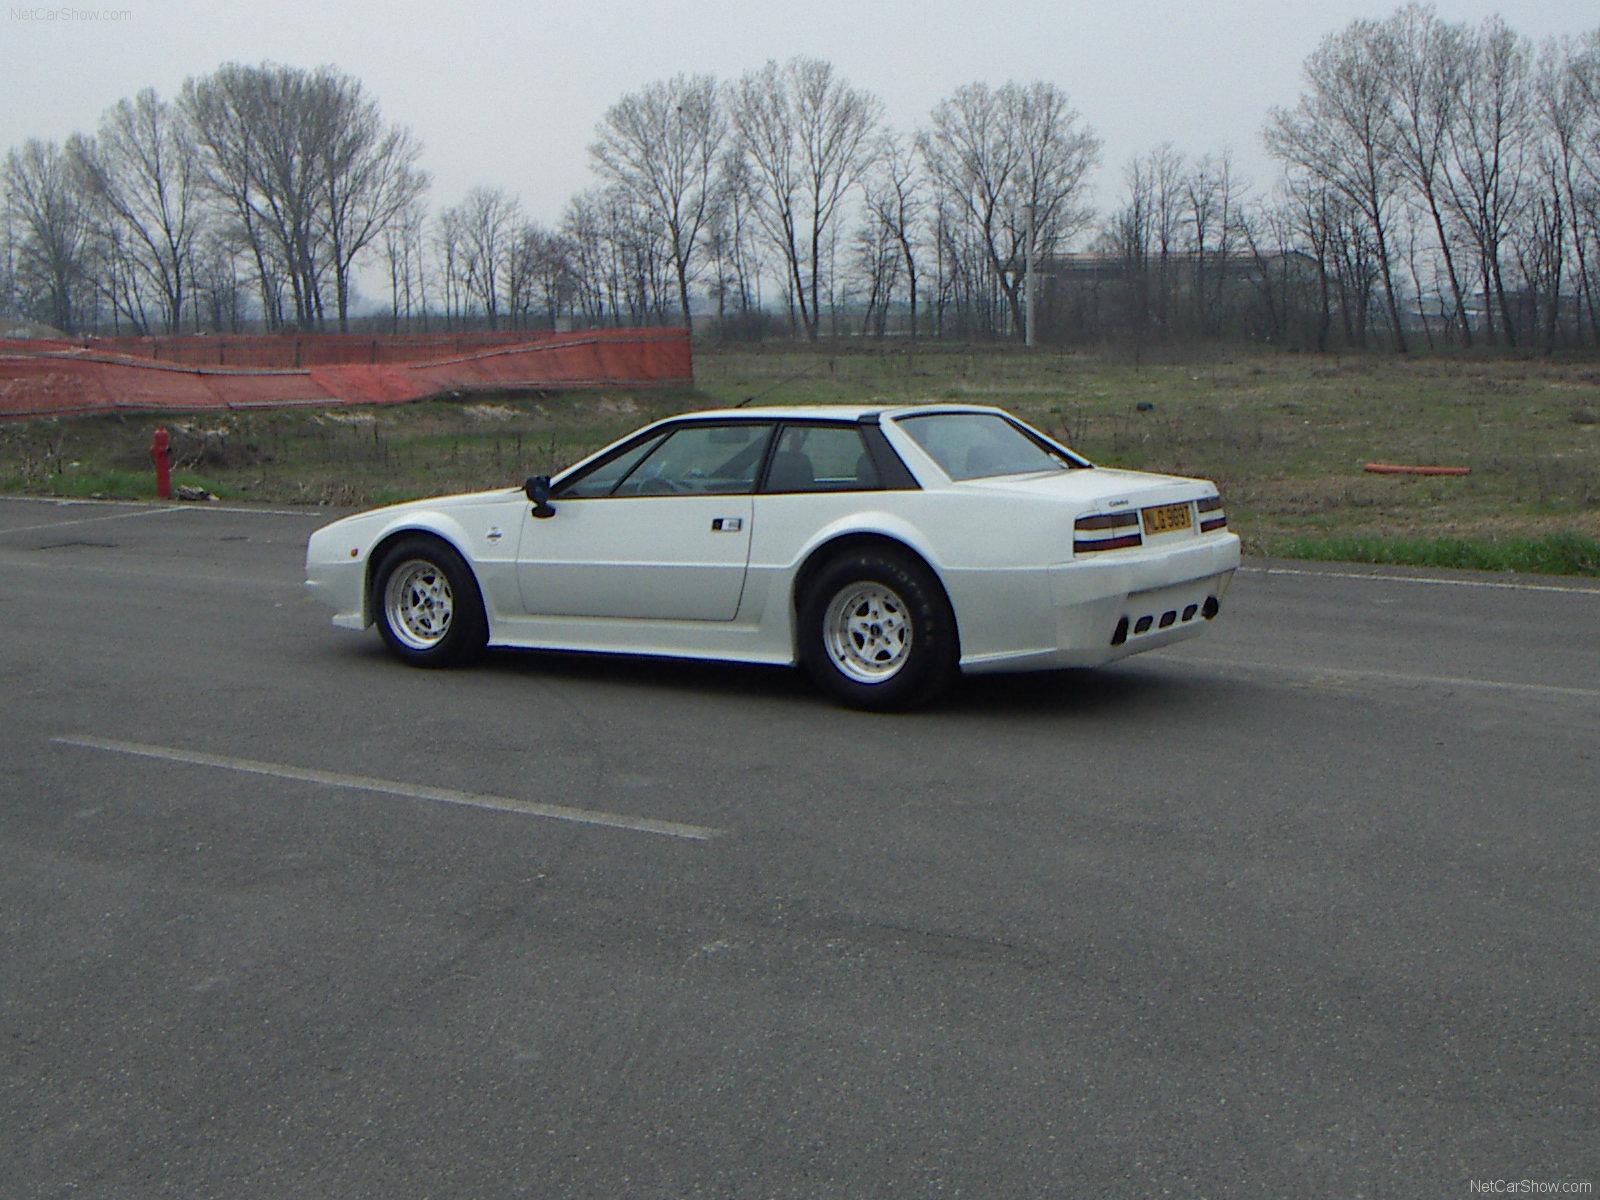 Hình ảnh xe ô tô Covini T40 1985 & nội ngoại thất